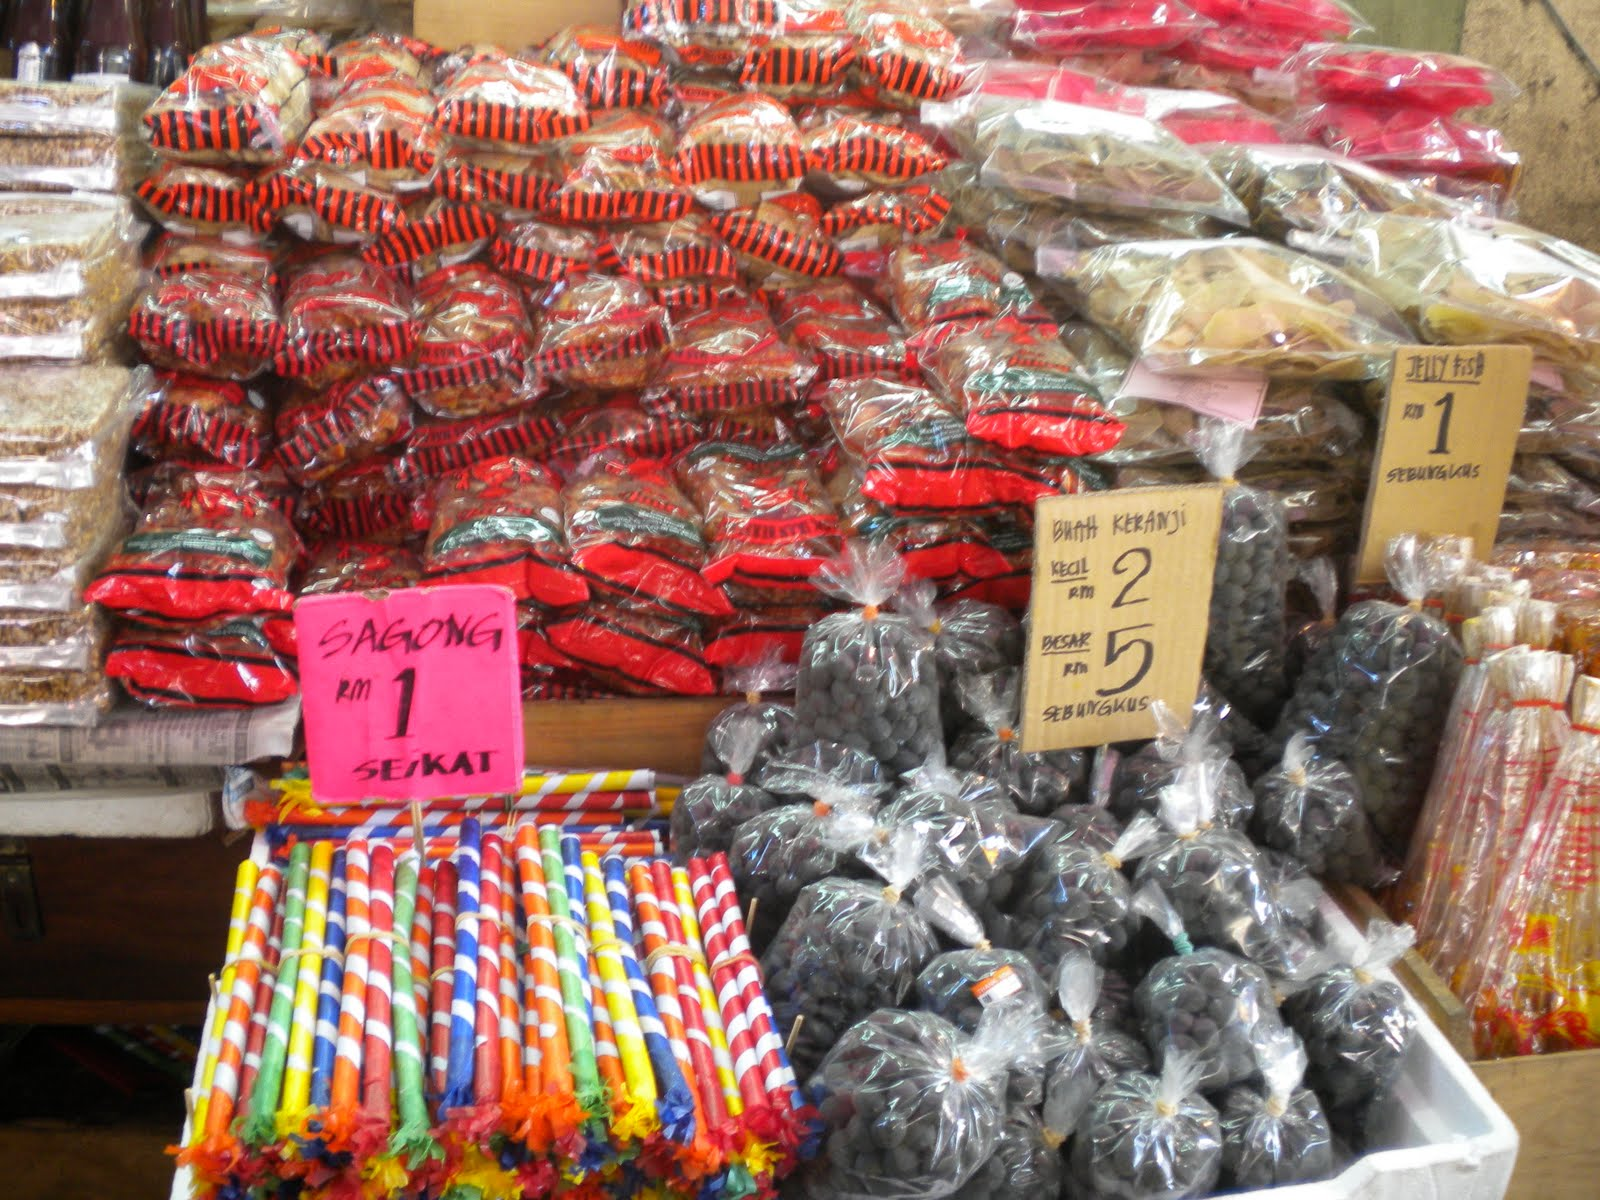 pasar besar kedai payang di terengganu Pasar kedai payang merujuk kepada pasar besar di kuala terengganu ia merupakan tempat perniagaan tradisional yang popular di kalangan masya.